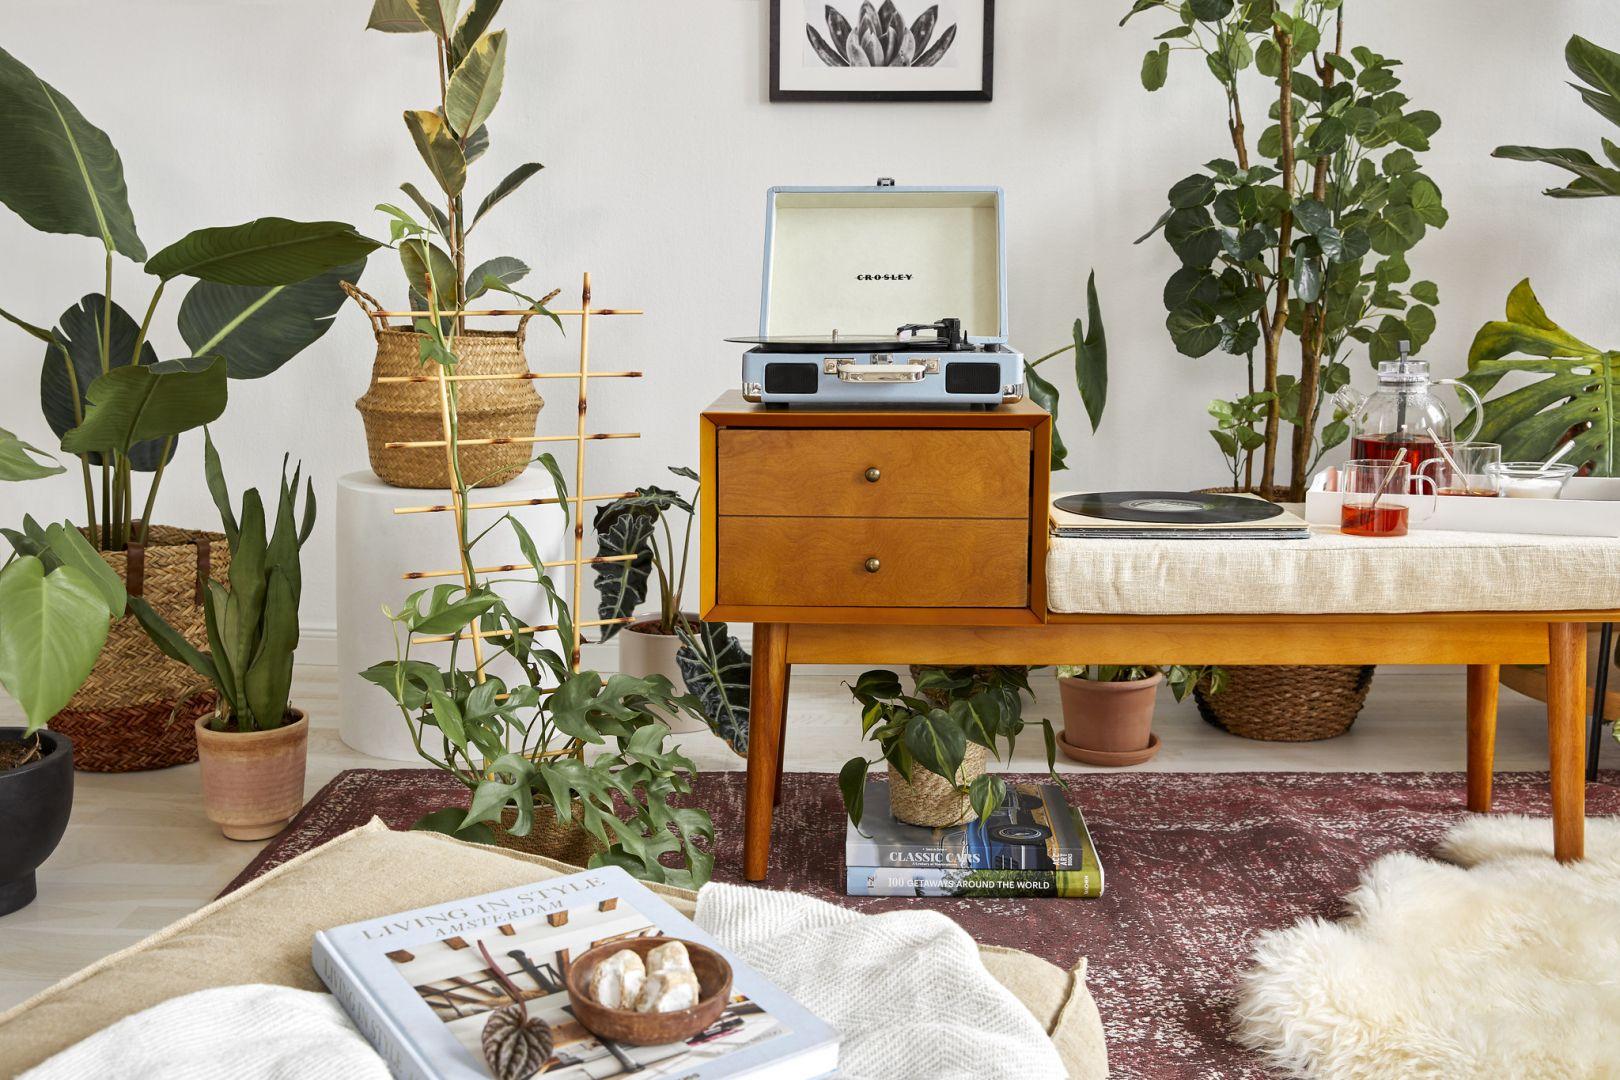 Inspiracje zielenią i przyrodą to bardzo modny trend w 2021 roku! Fot. WestwingNow